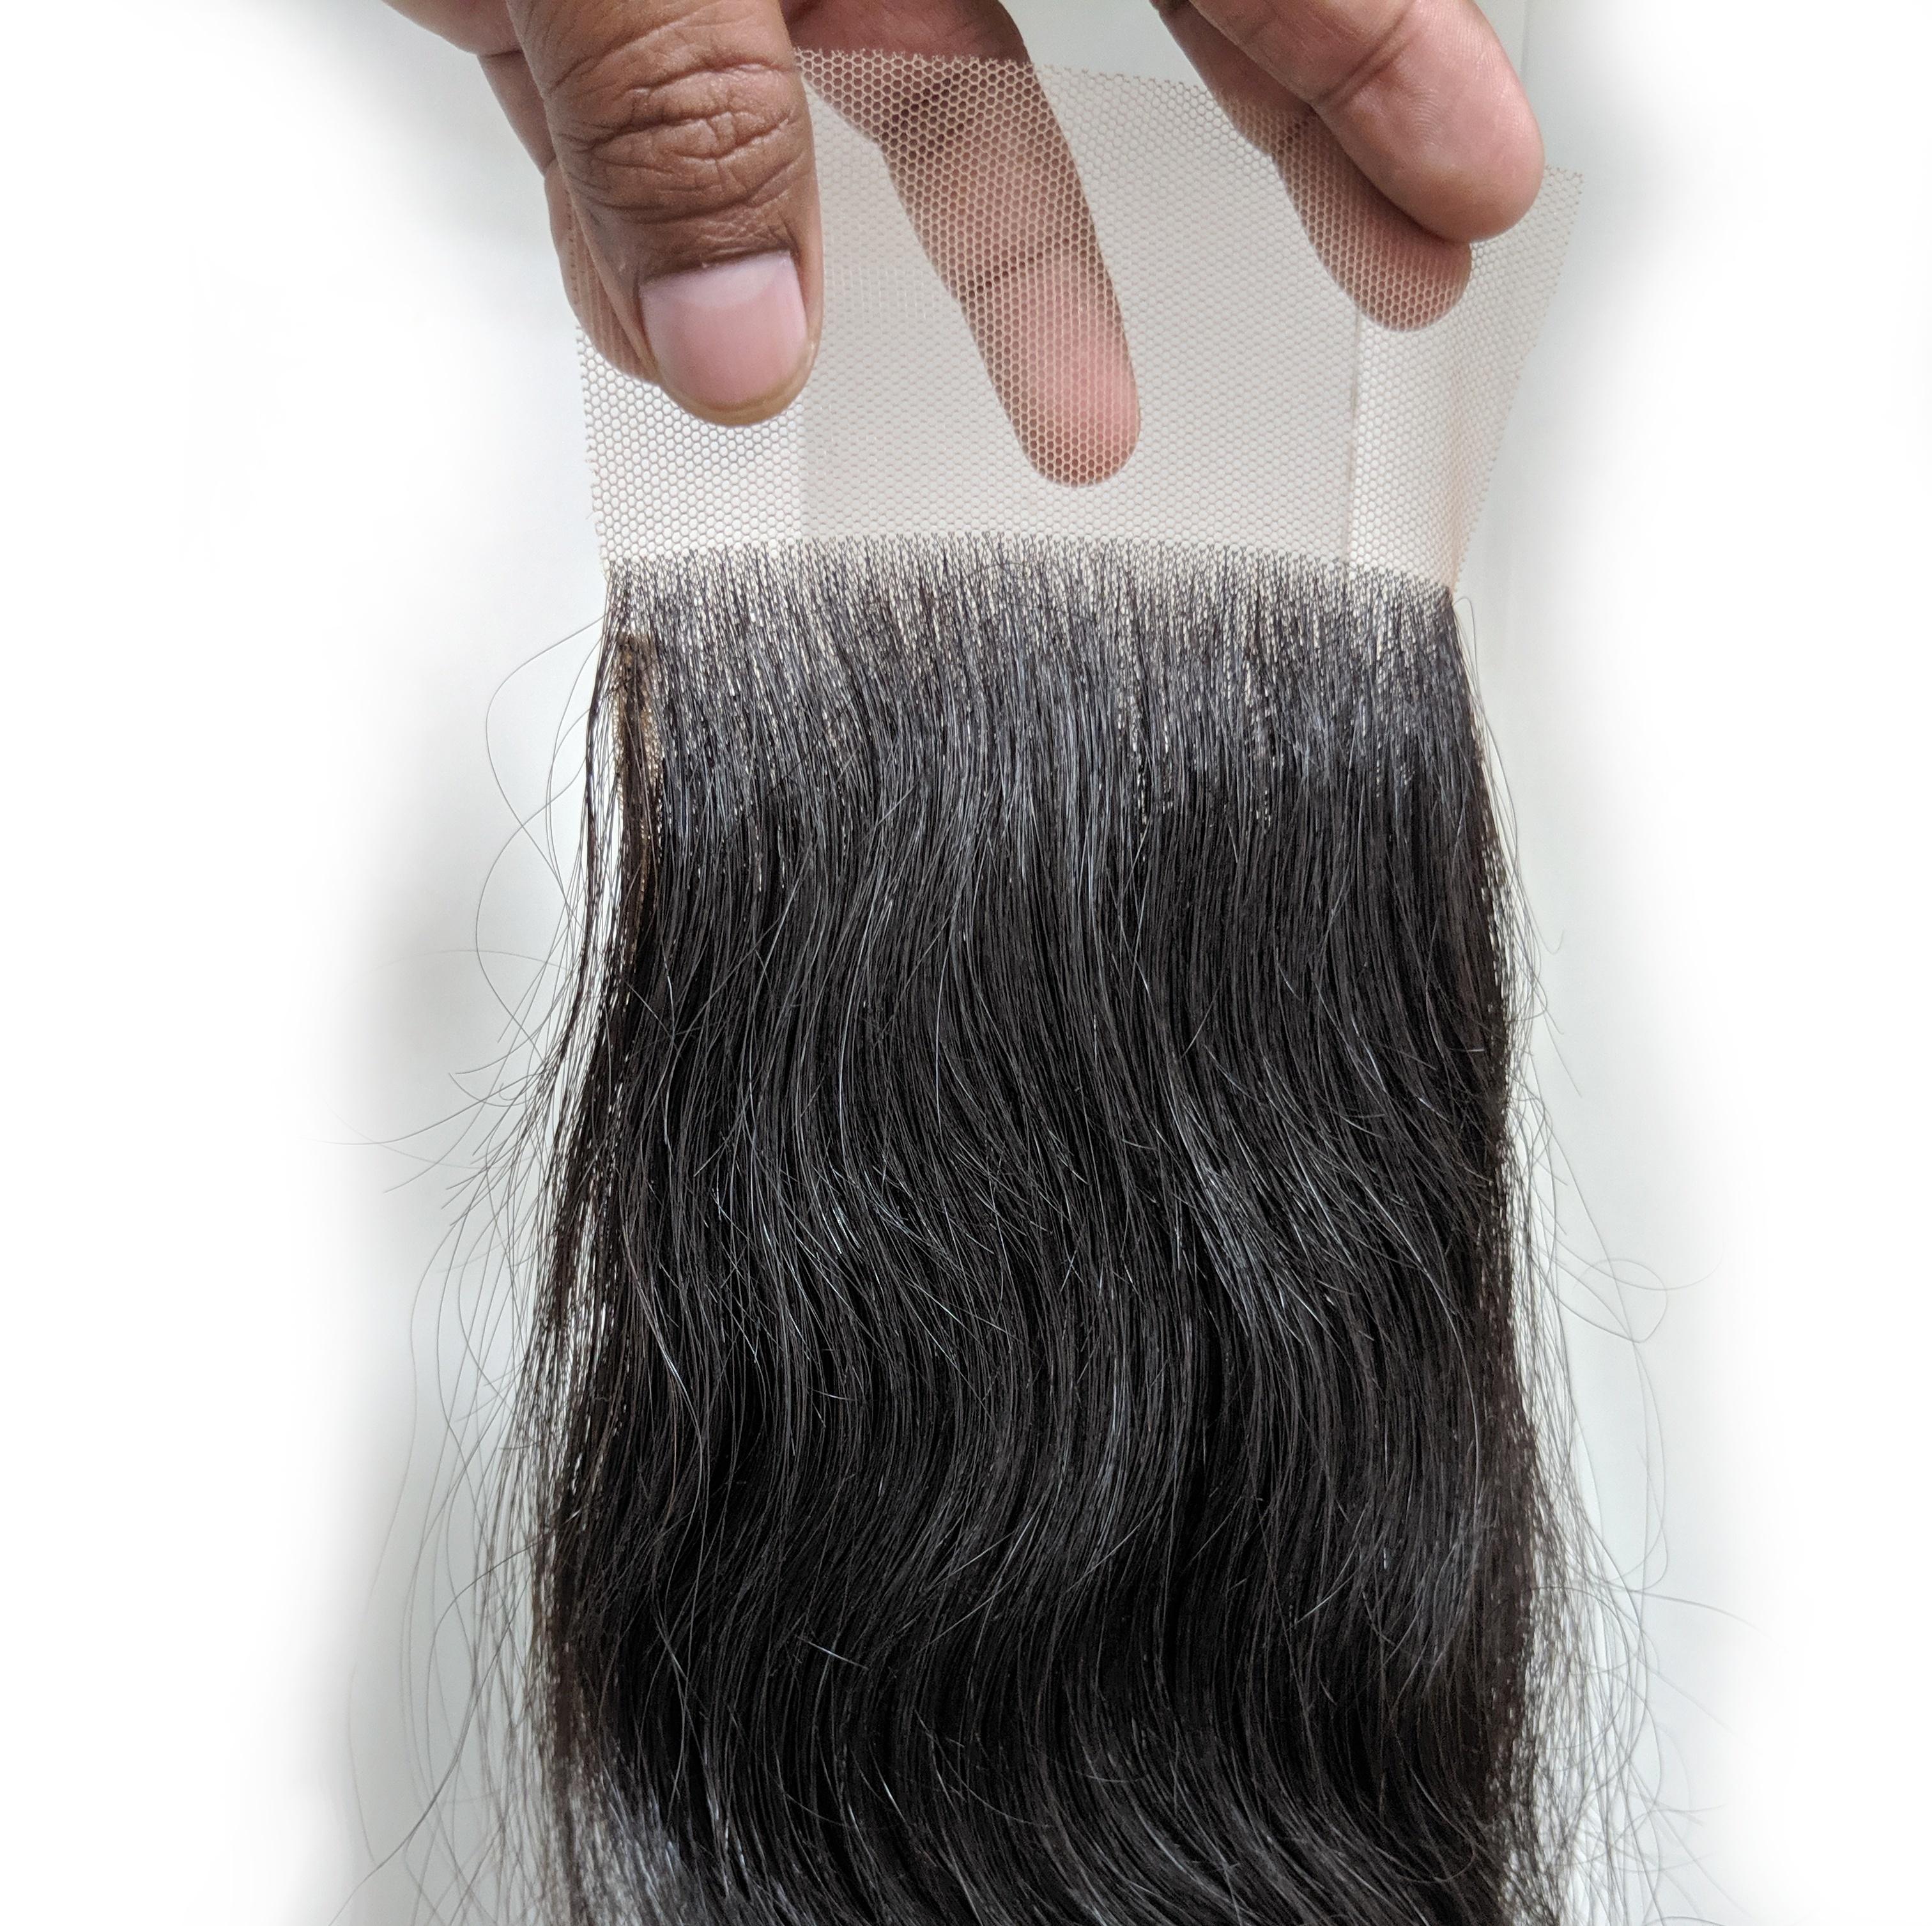 Lace Closure Human Hair